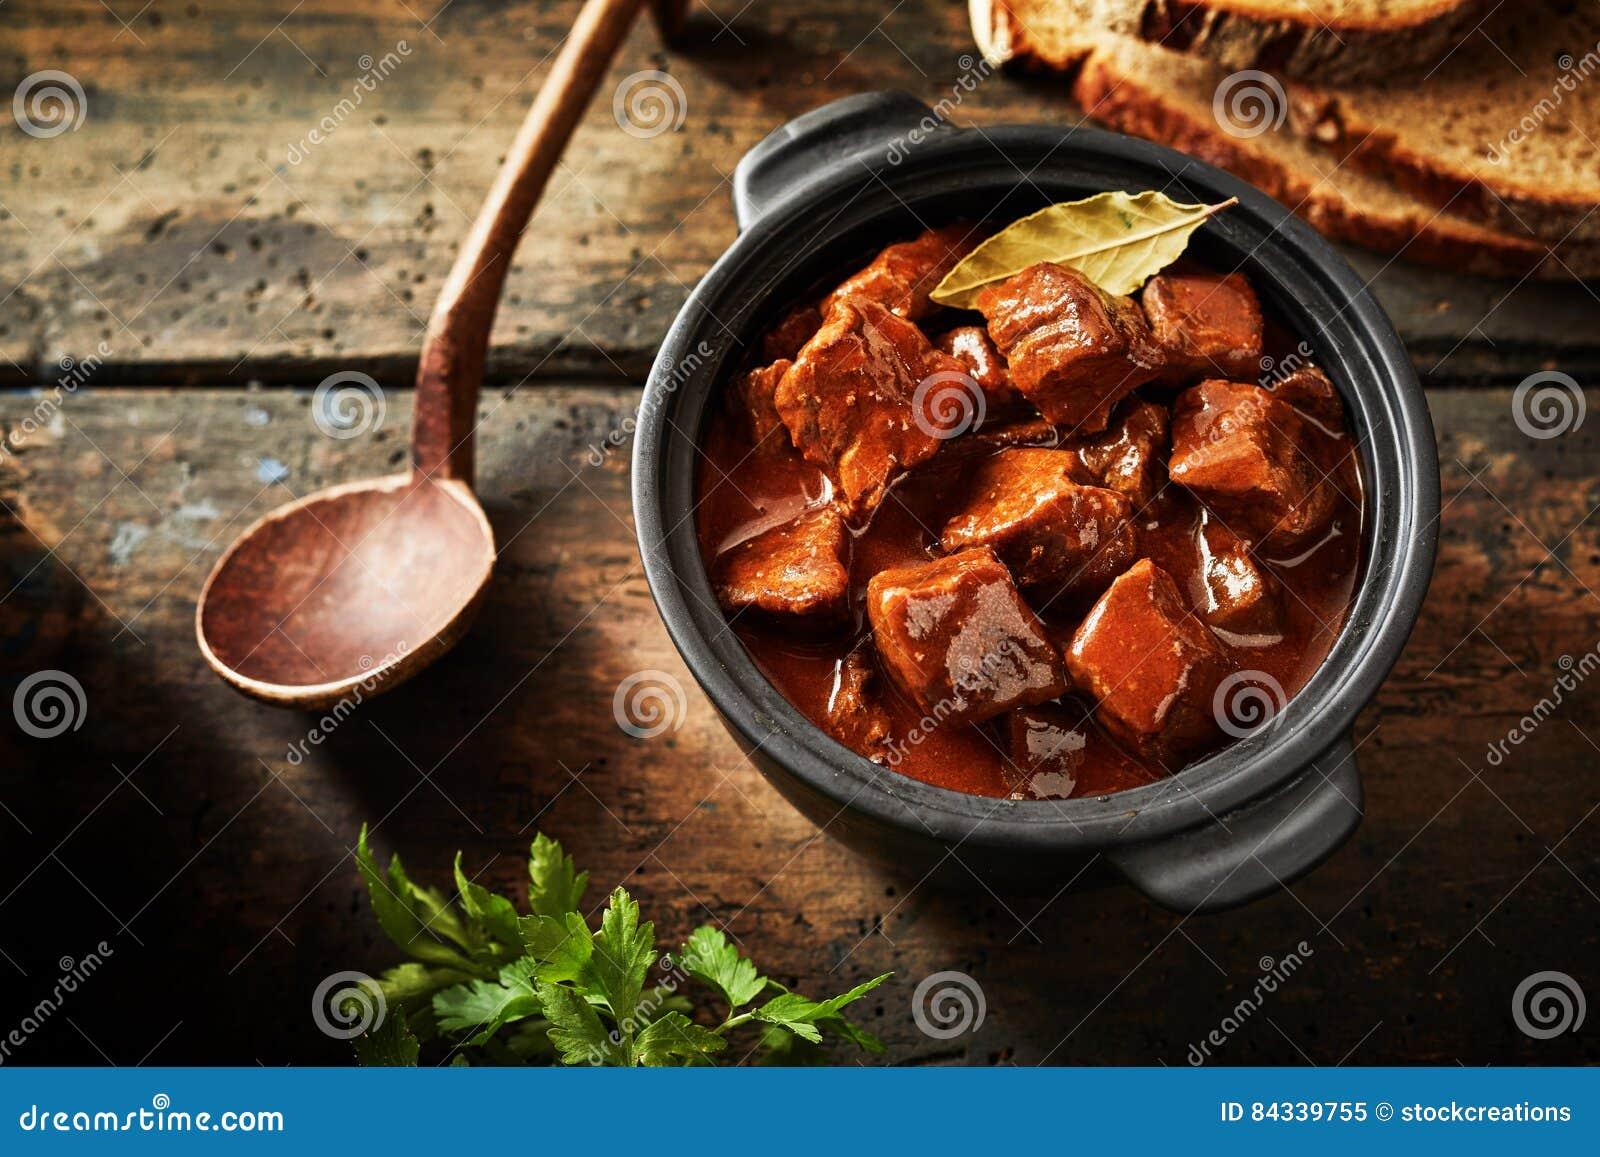 Traditionelle Deutsche Küche | Kostliche Traditionelle Deutsche Kuche Stockbild Bild 84339755